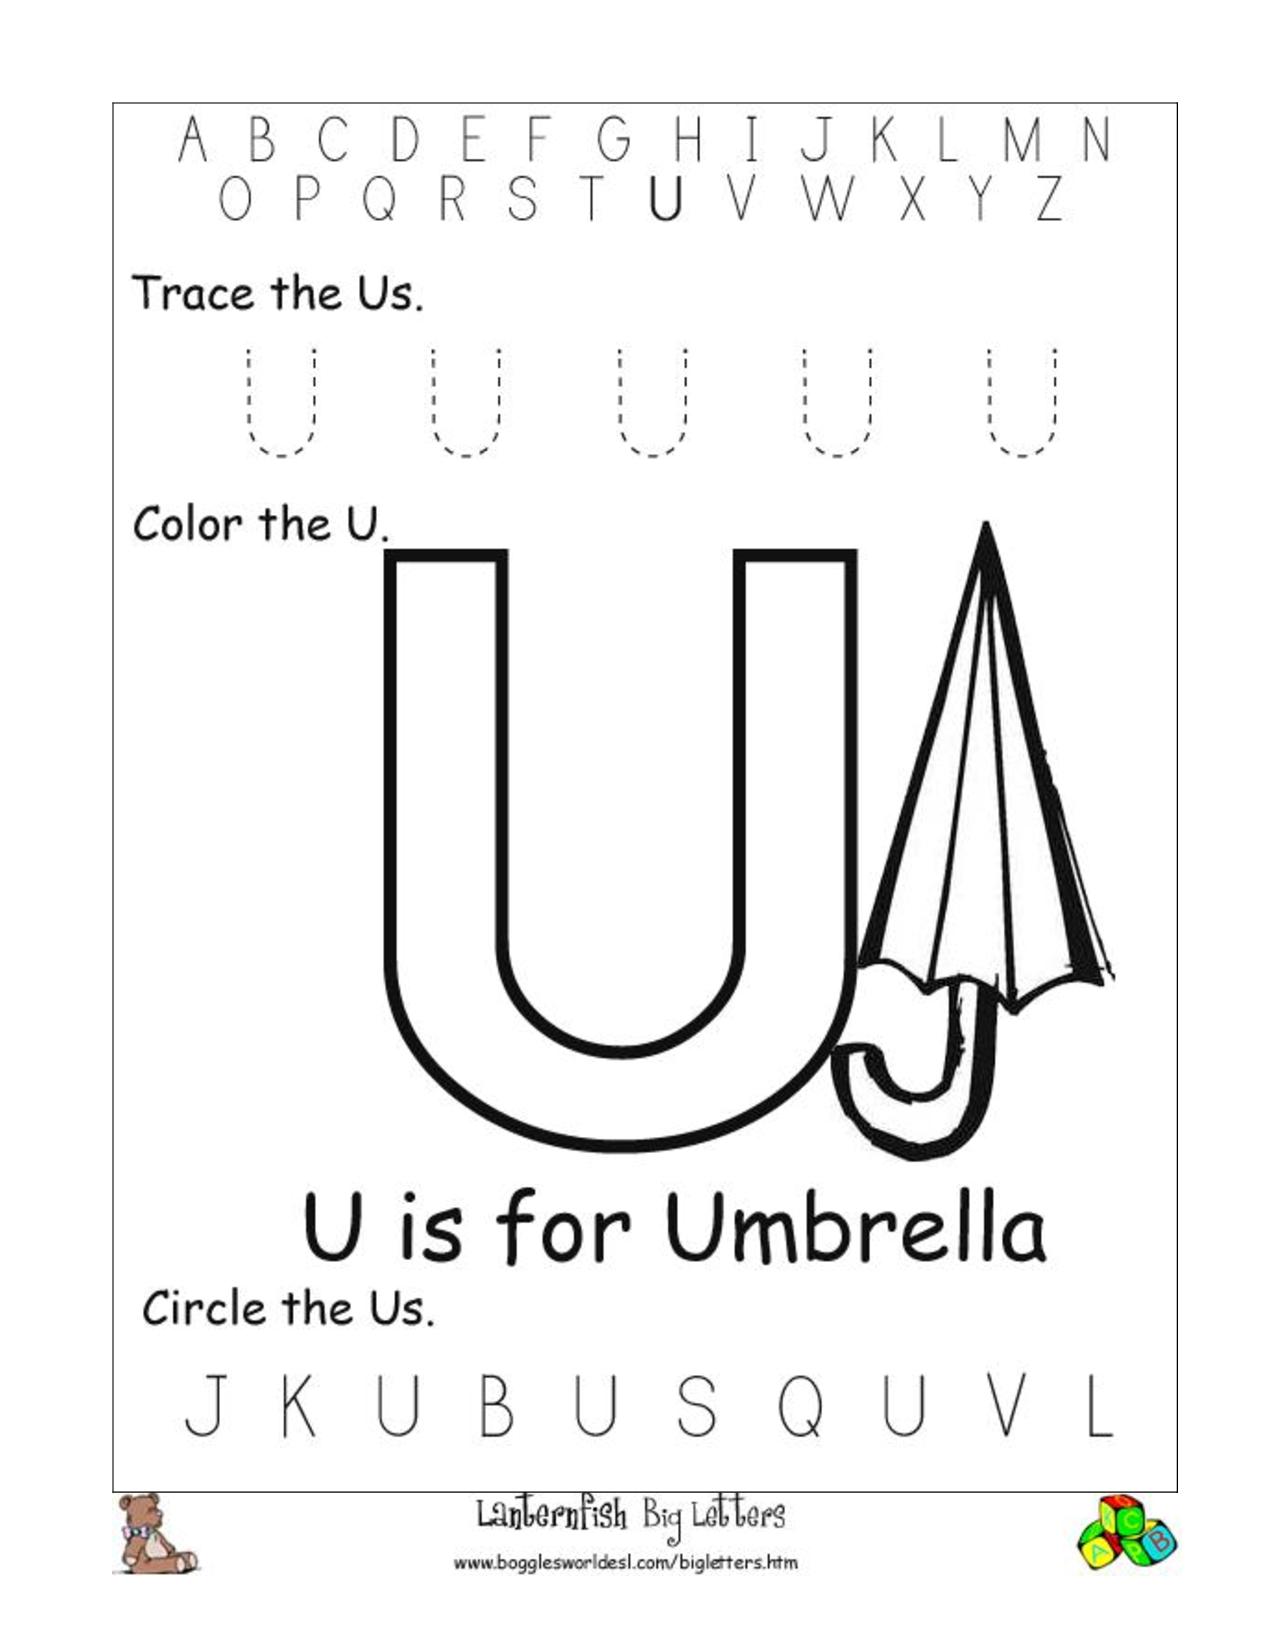 Alphabet Worksheet Big Letter U - Download Now Doc intended for Letter U Worksheets Free